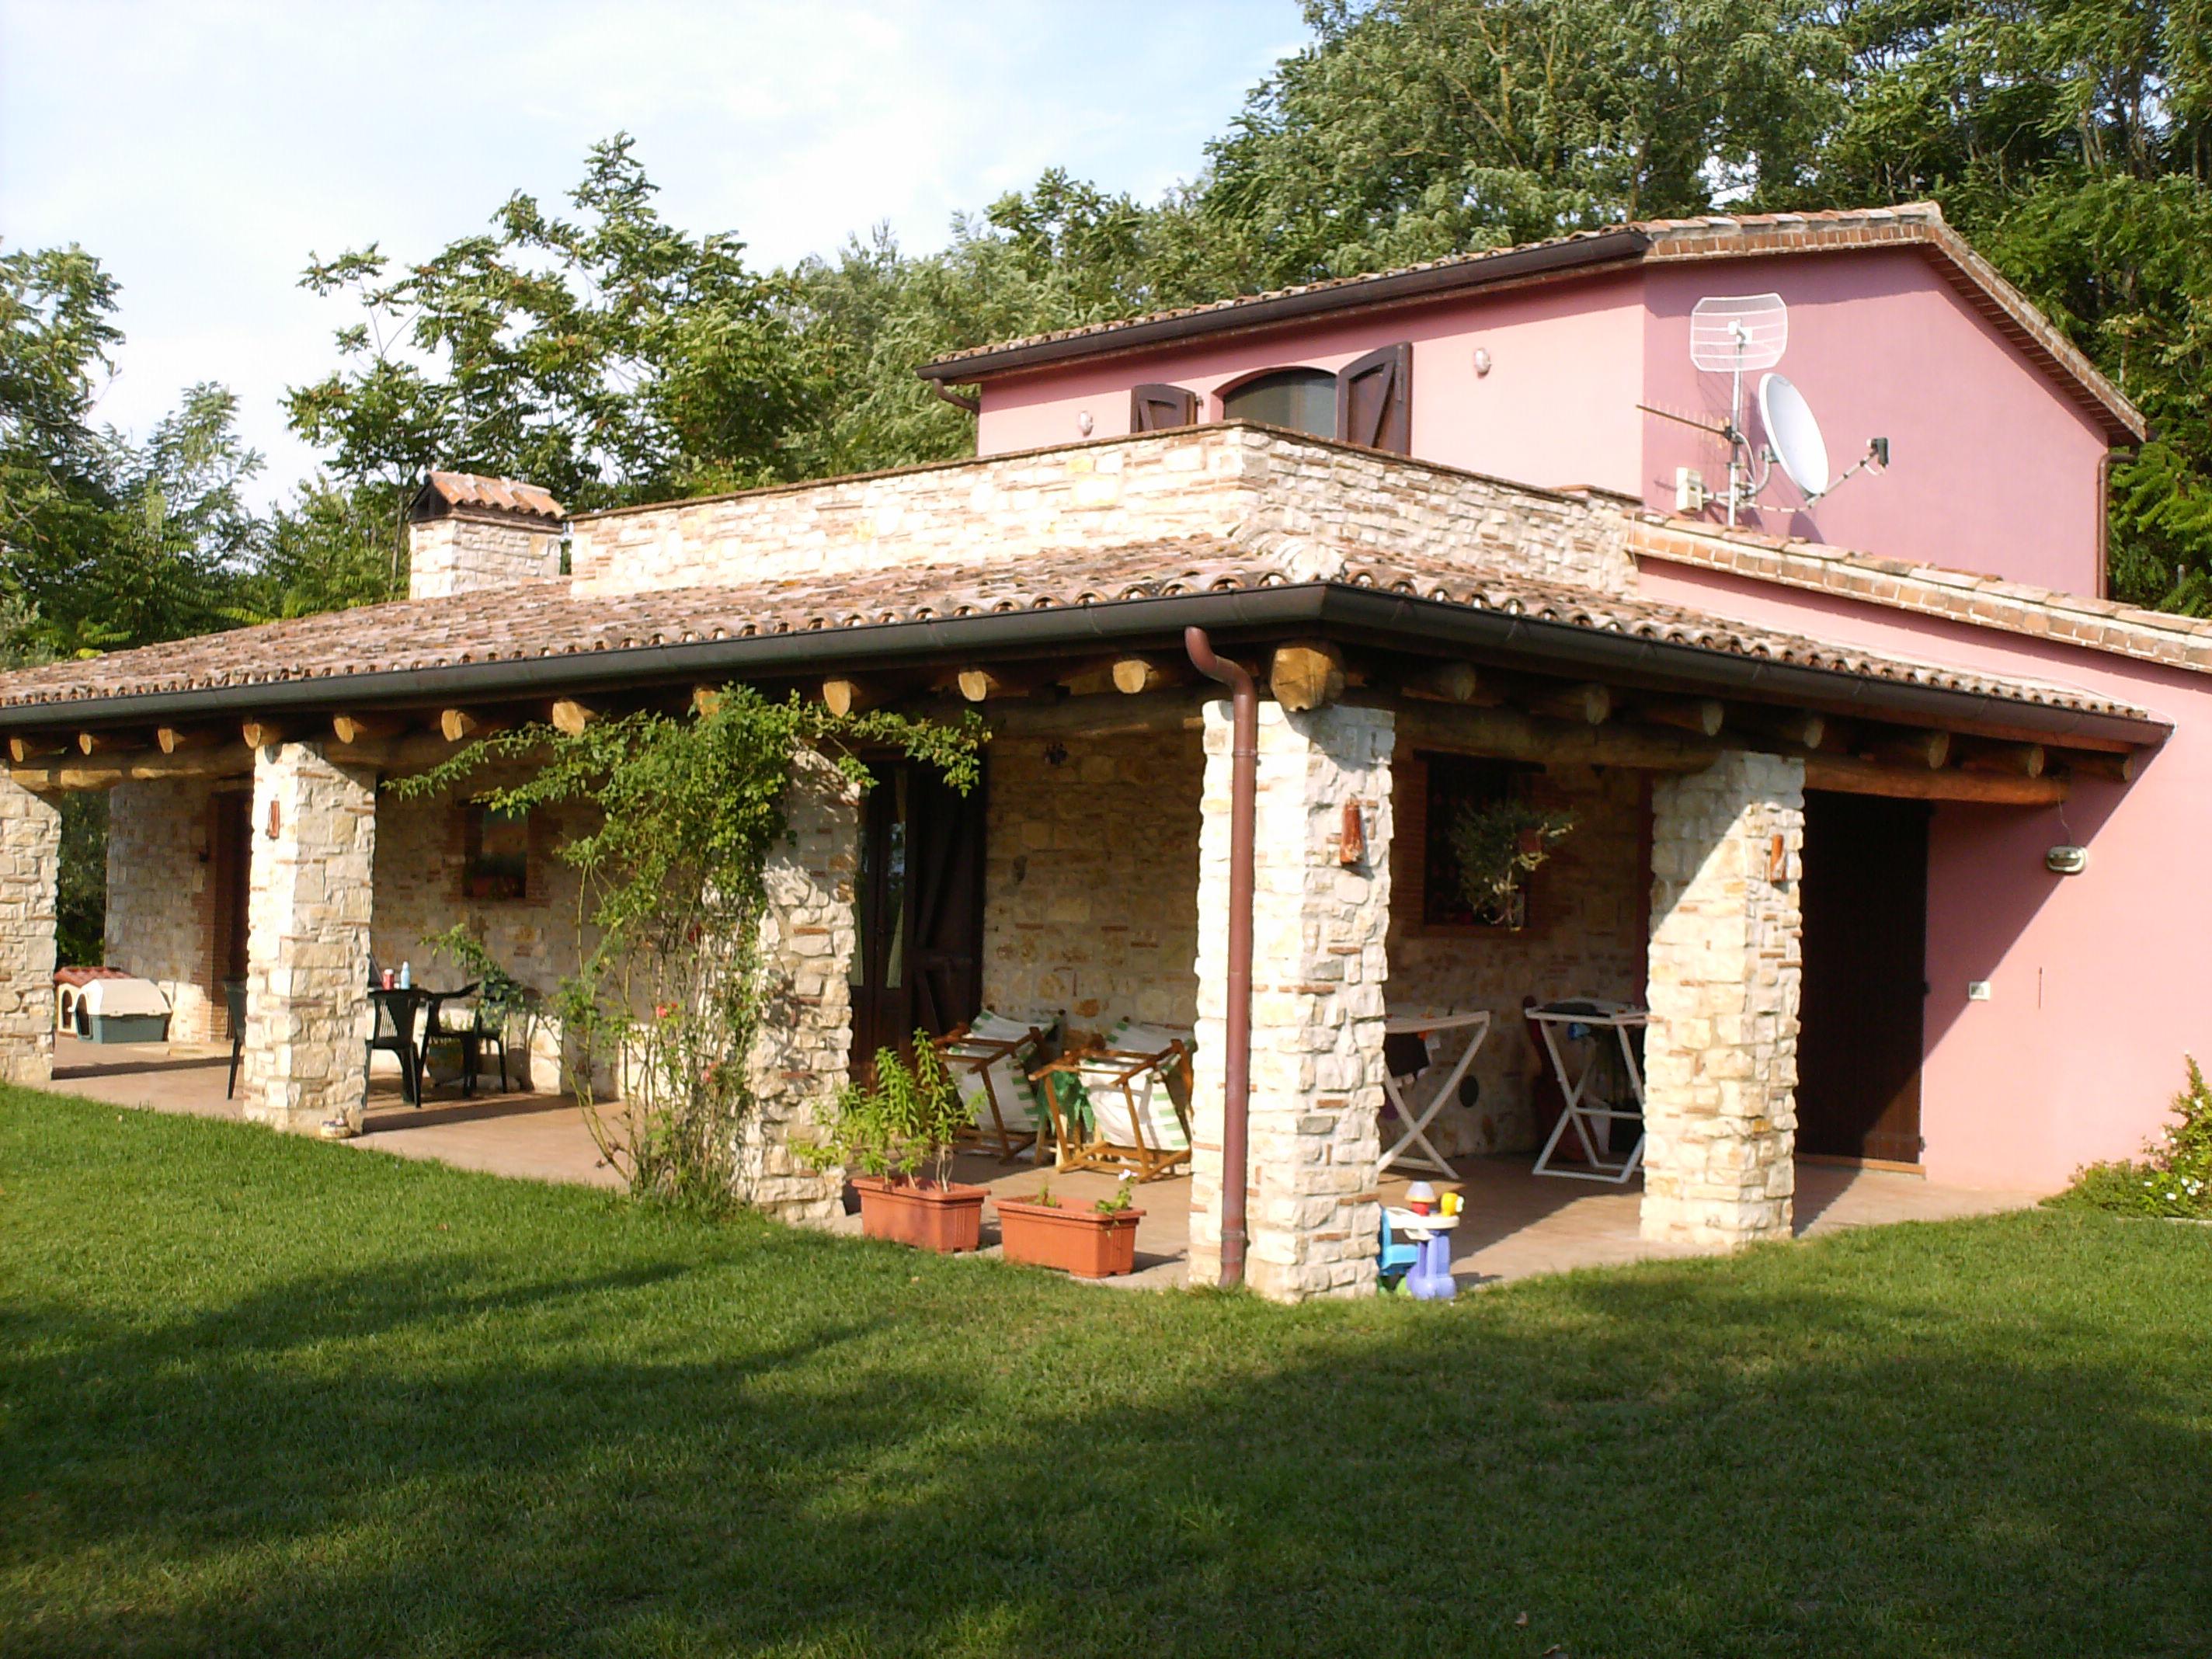 Villa in vendita a melizzano benevento riscaldamento for Piccole planimetrie di casa di tronchi